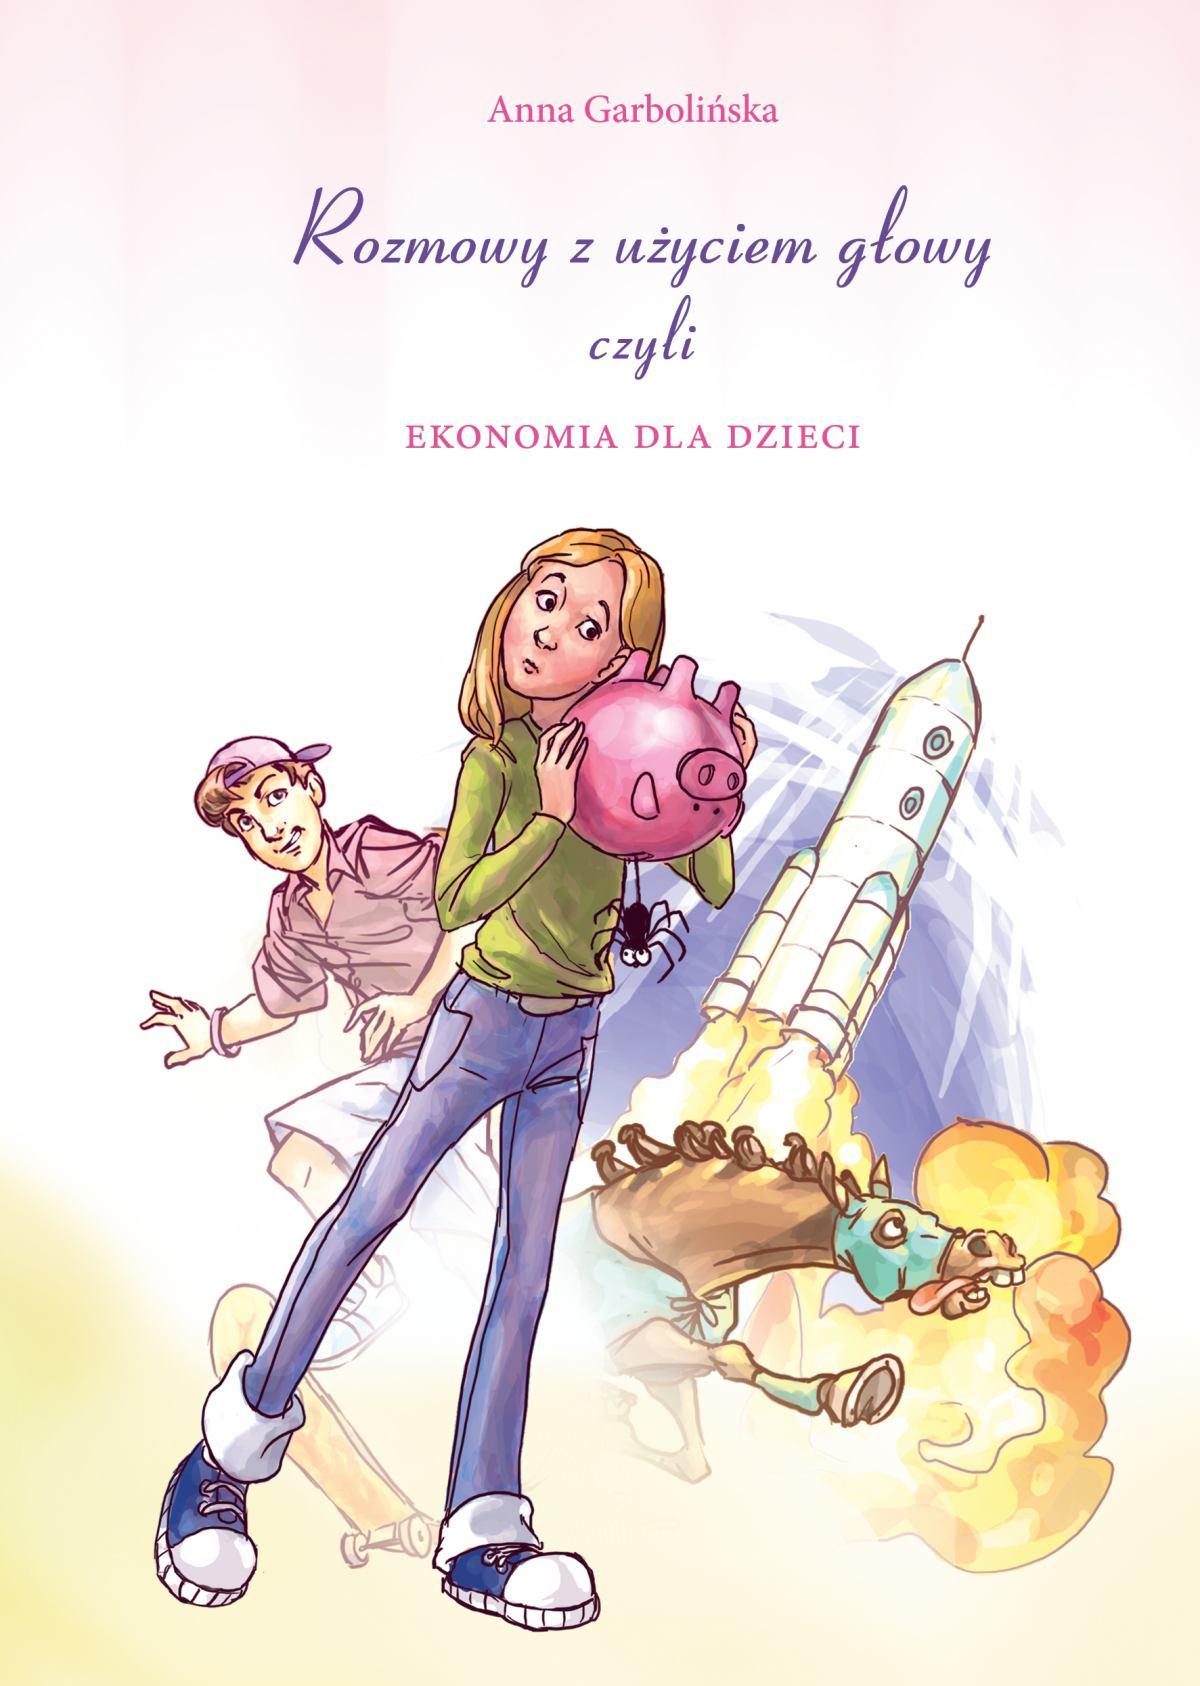 Rozmowy z użyciem głowy, czyli ekonomia dla dzieci - Ebook (Książka na Kindle) do pobrania w formacie MOBI